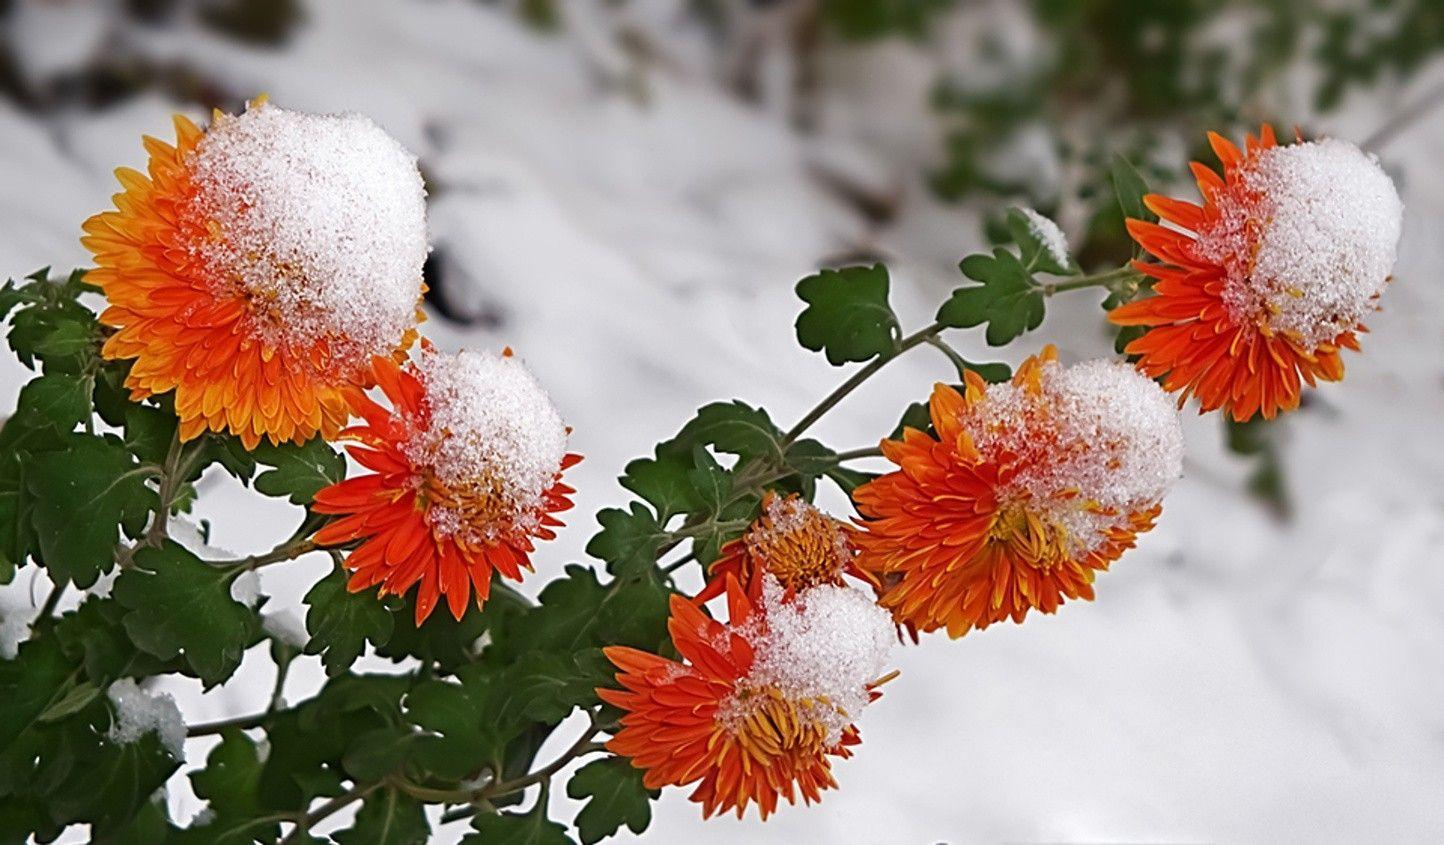 Free Download Winter Flowers Image Winter Flowers Flower Wallpaper Flowers